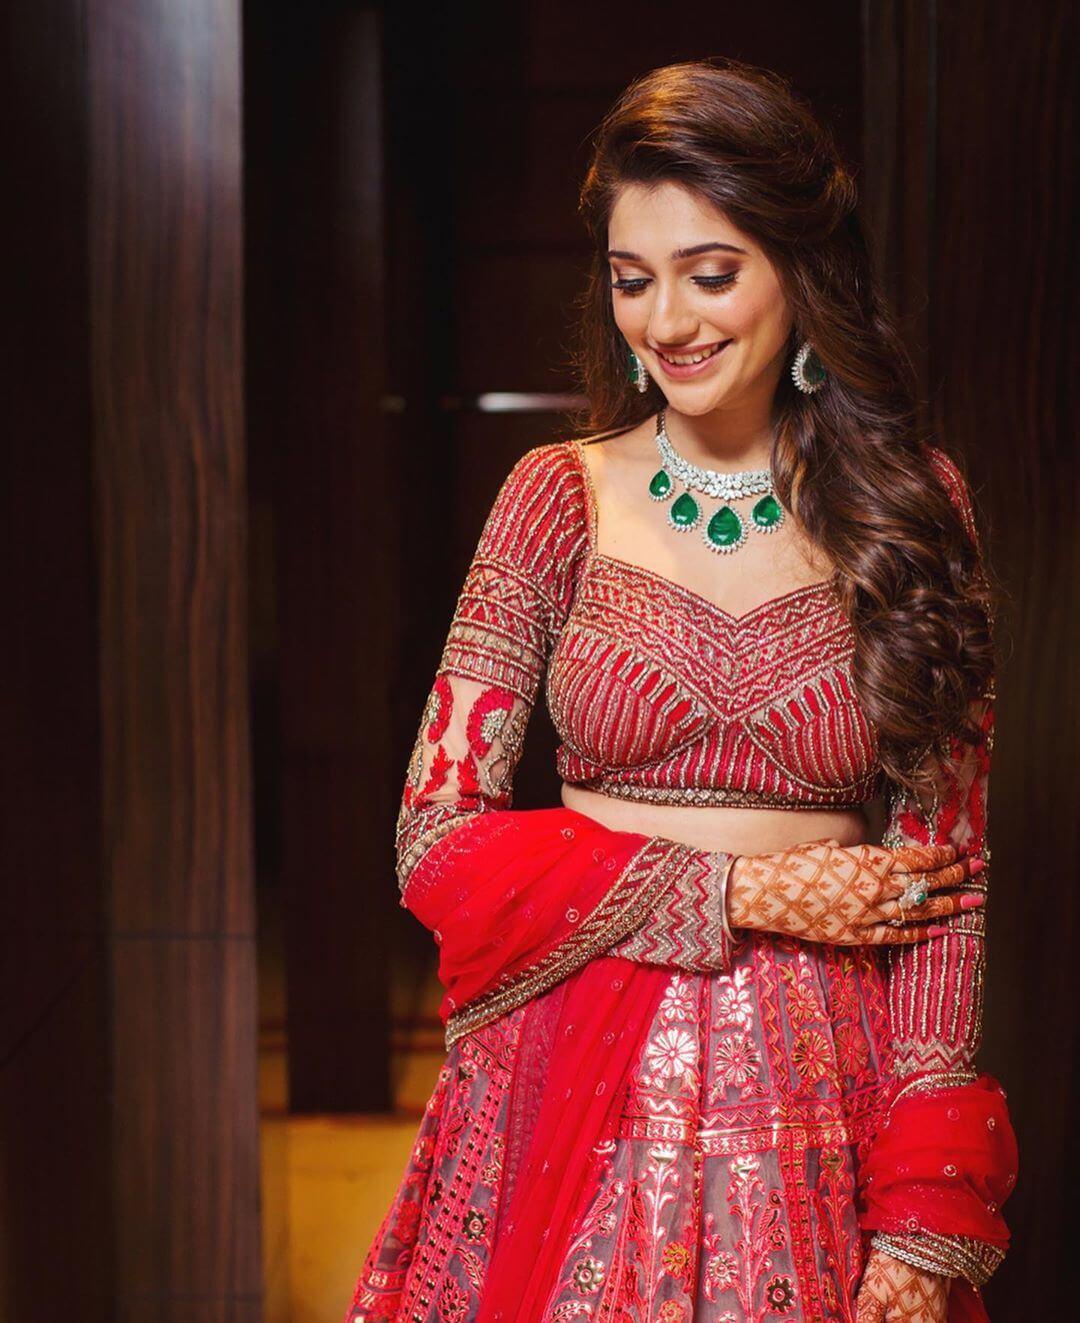 jewellery with red lehenga